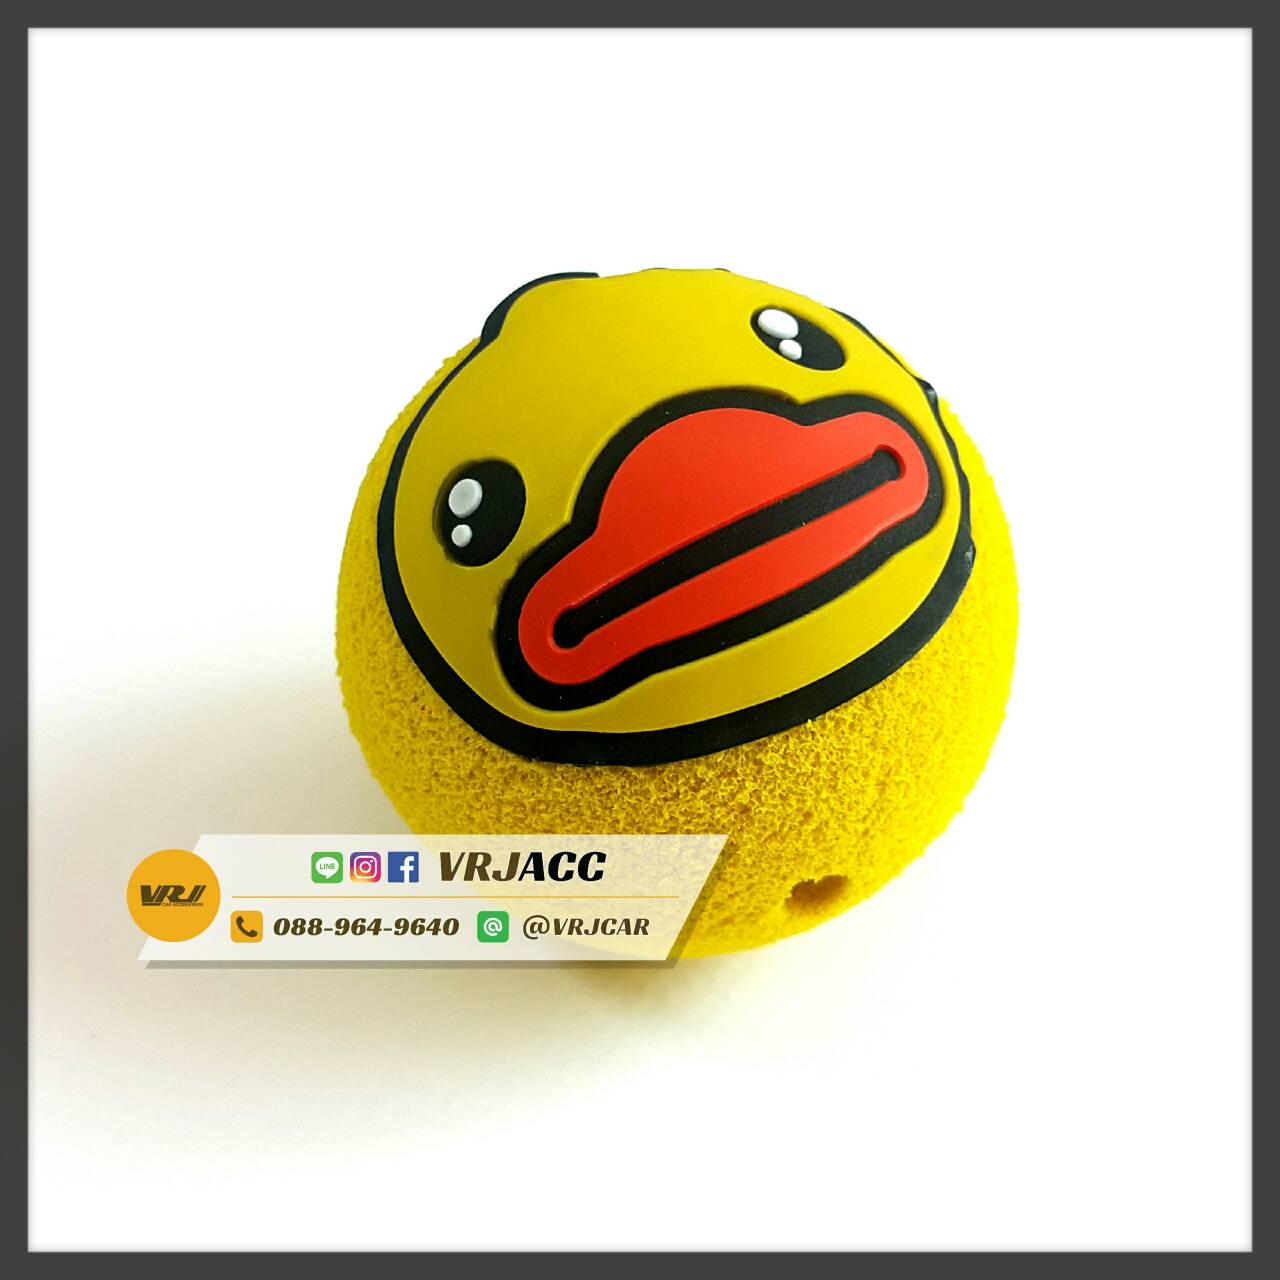 เป็ดเหลือง B duck บอลเสียบเสาอากาศ Antenna Topper